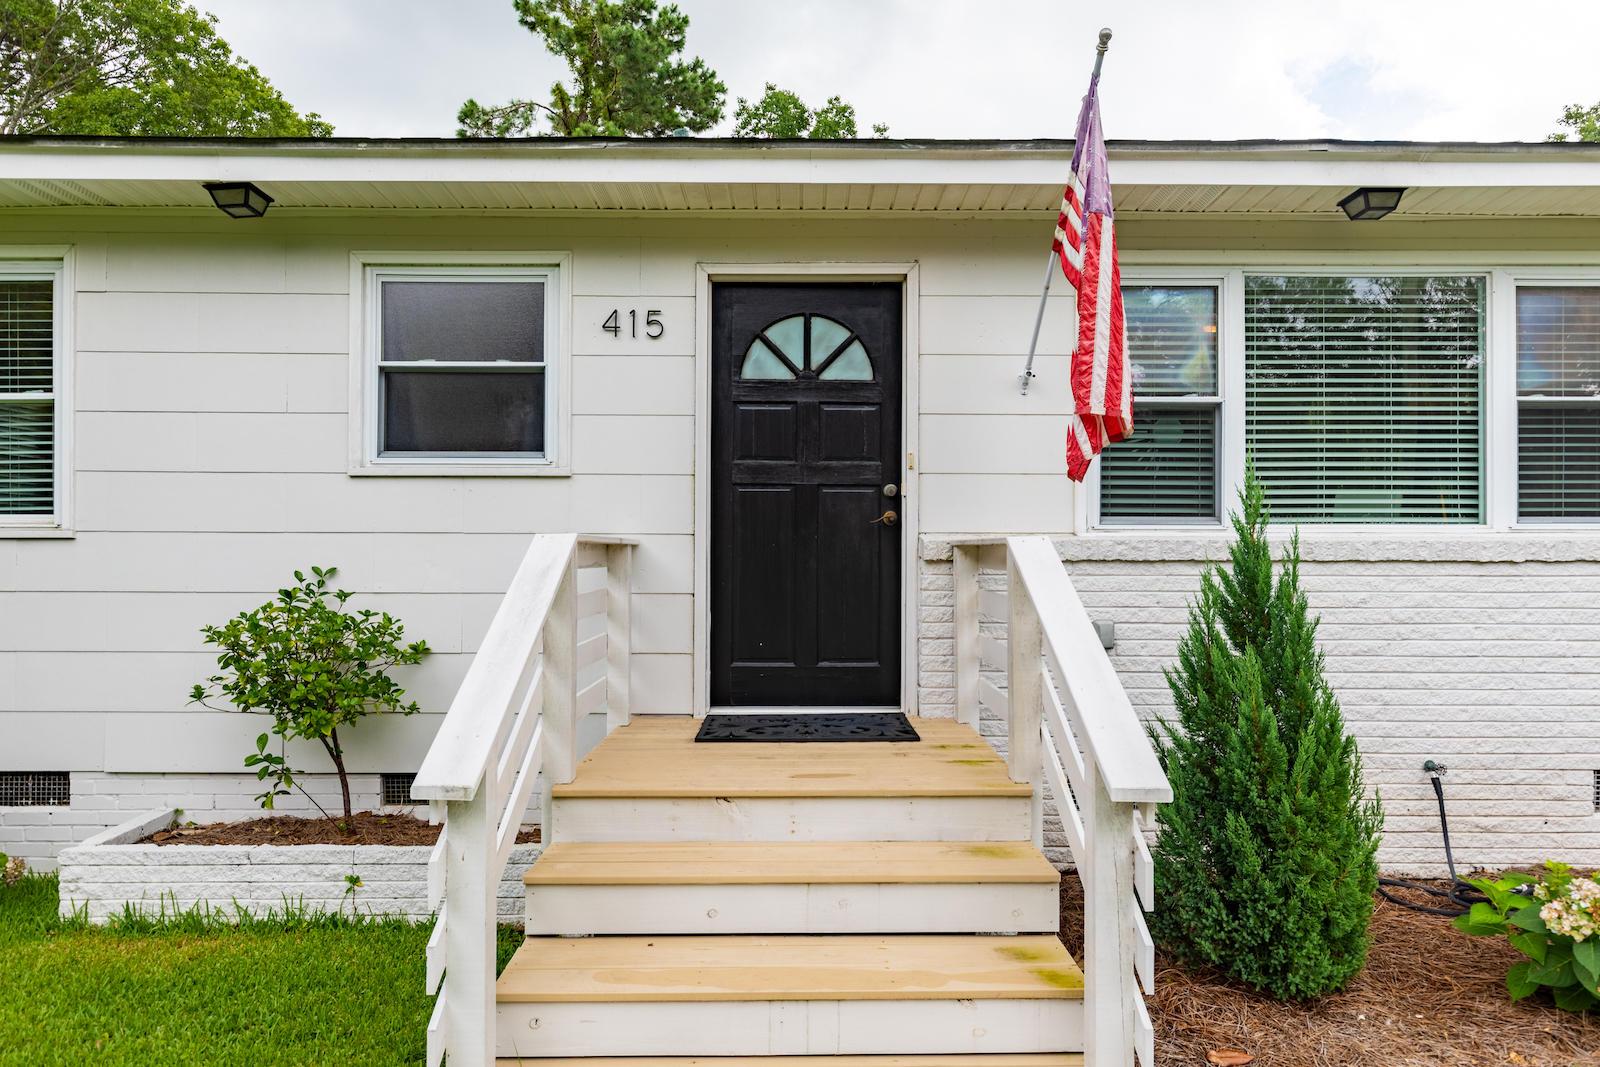 Green Acres Homes For Sale - 415 Limbaker, Charleston, SC - 6